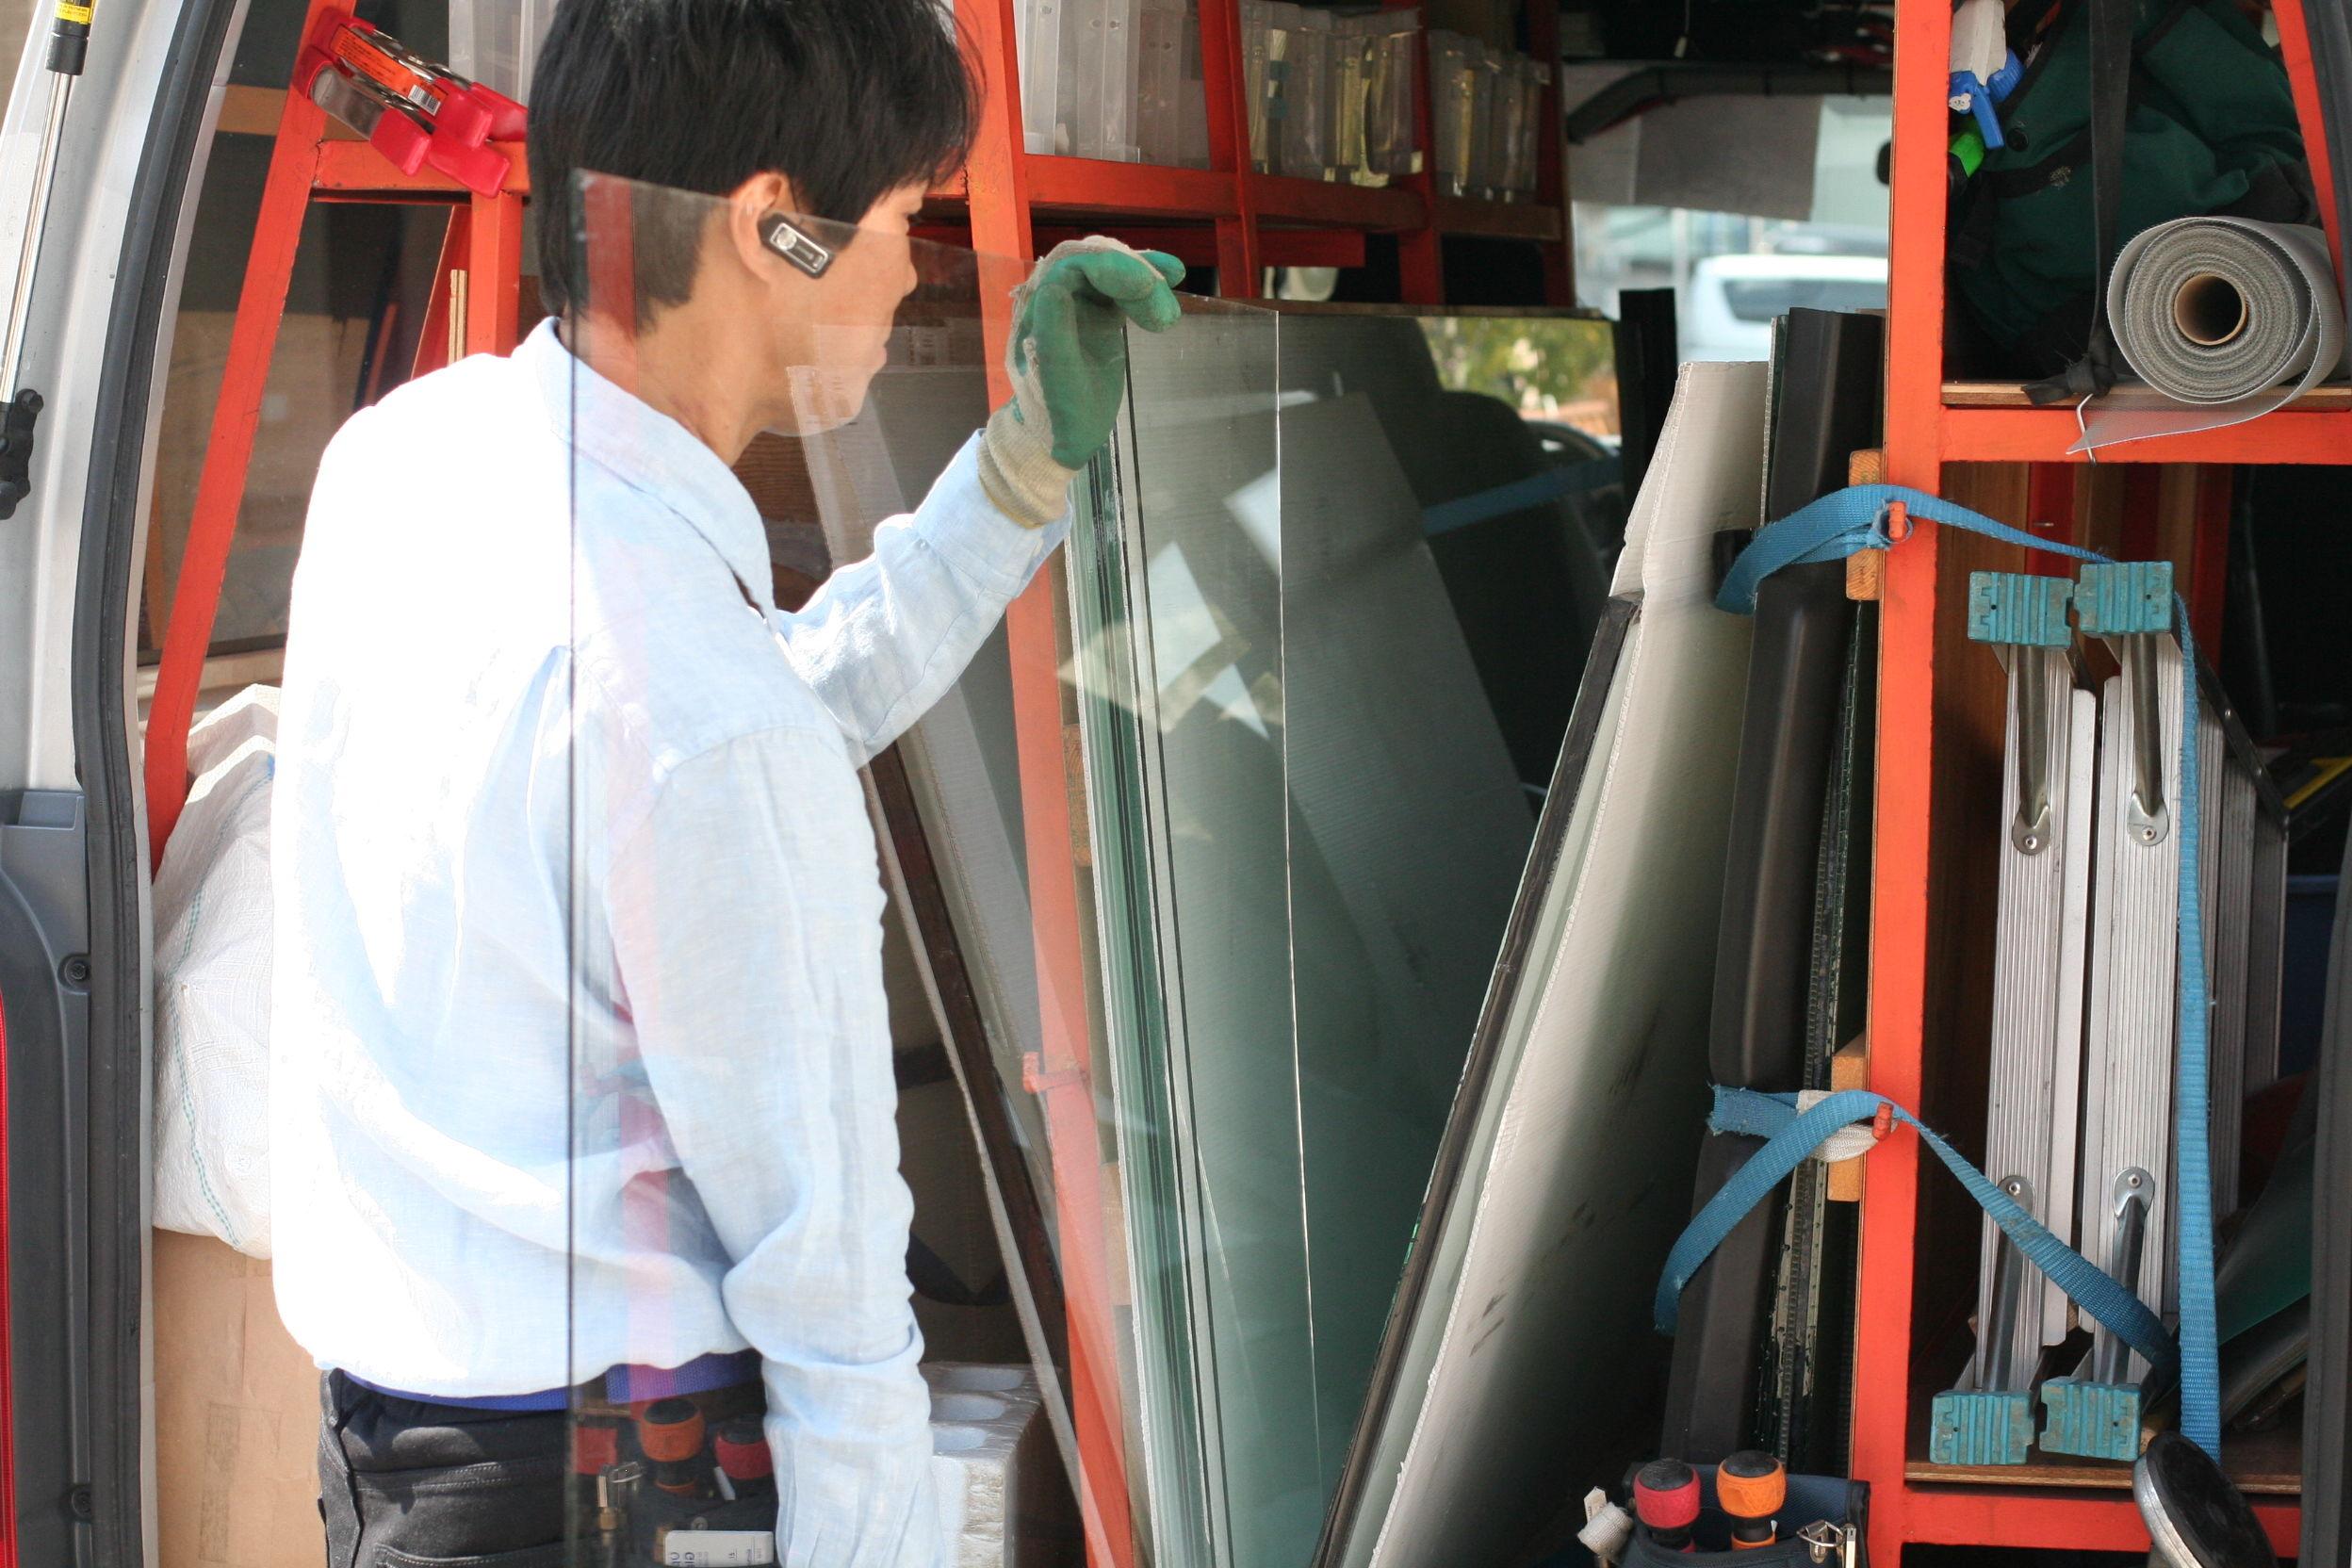 ガラスのトラブル救Q隊.24【大阪市大正区 出張エリア】のメイン画像